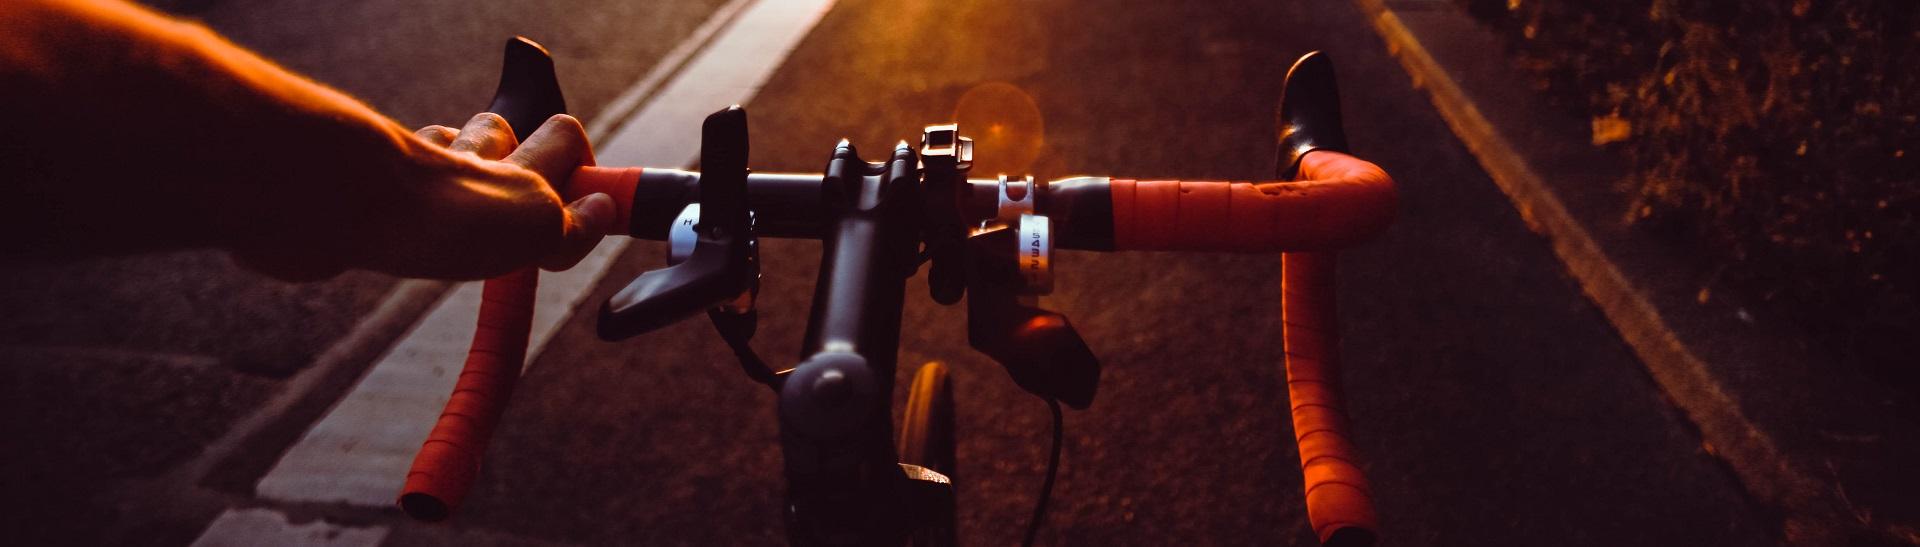 Fahrräder und Zubehör aus Bambus